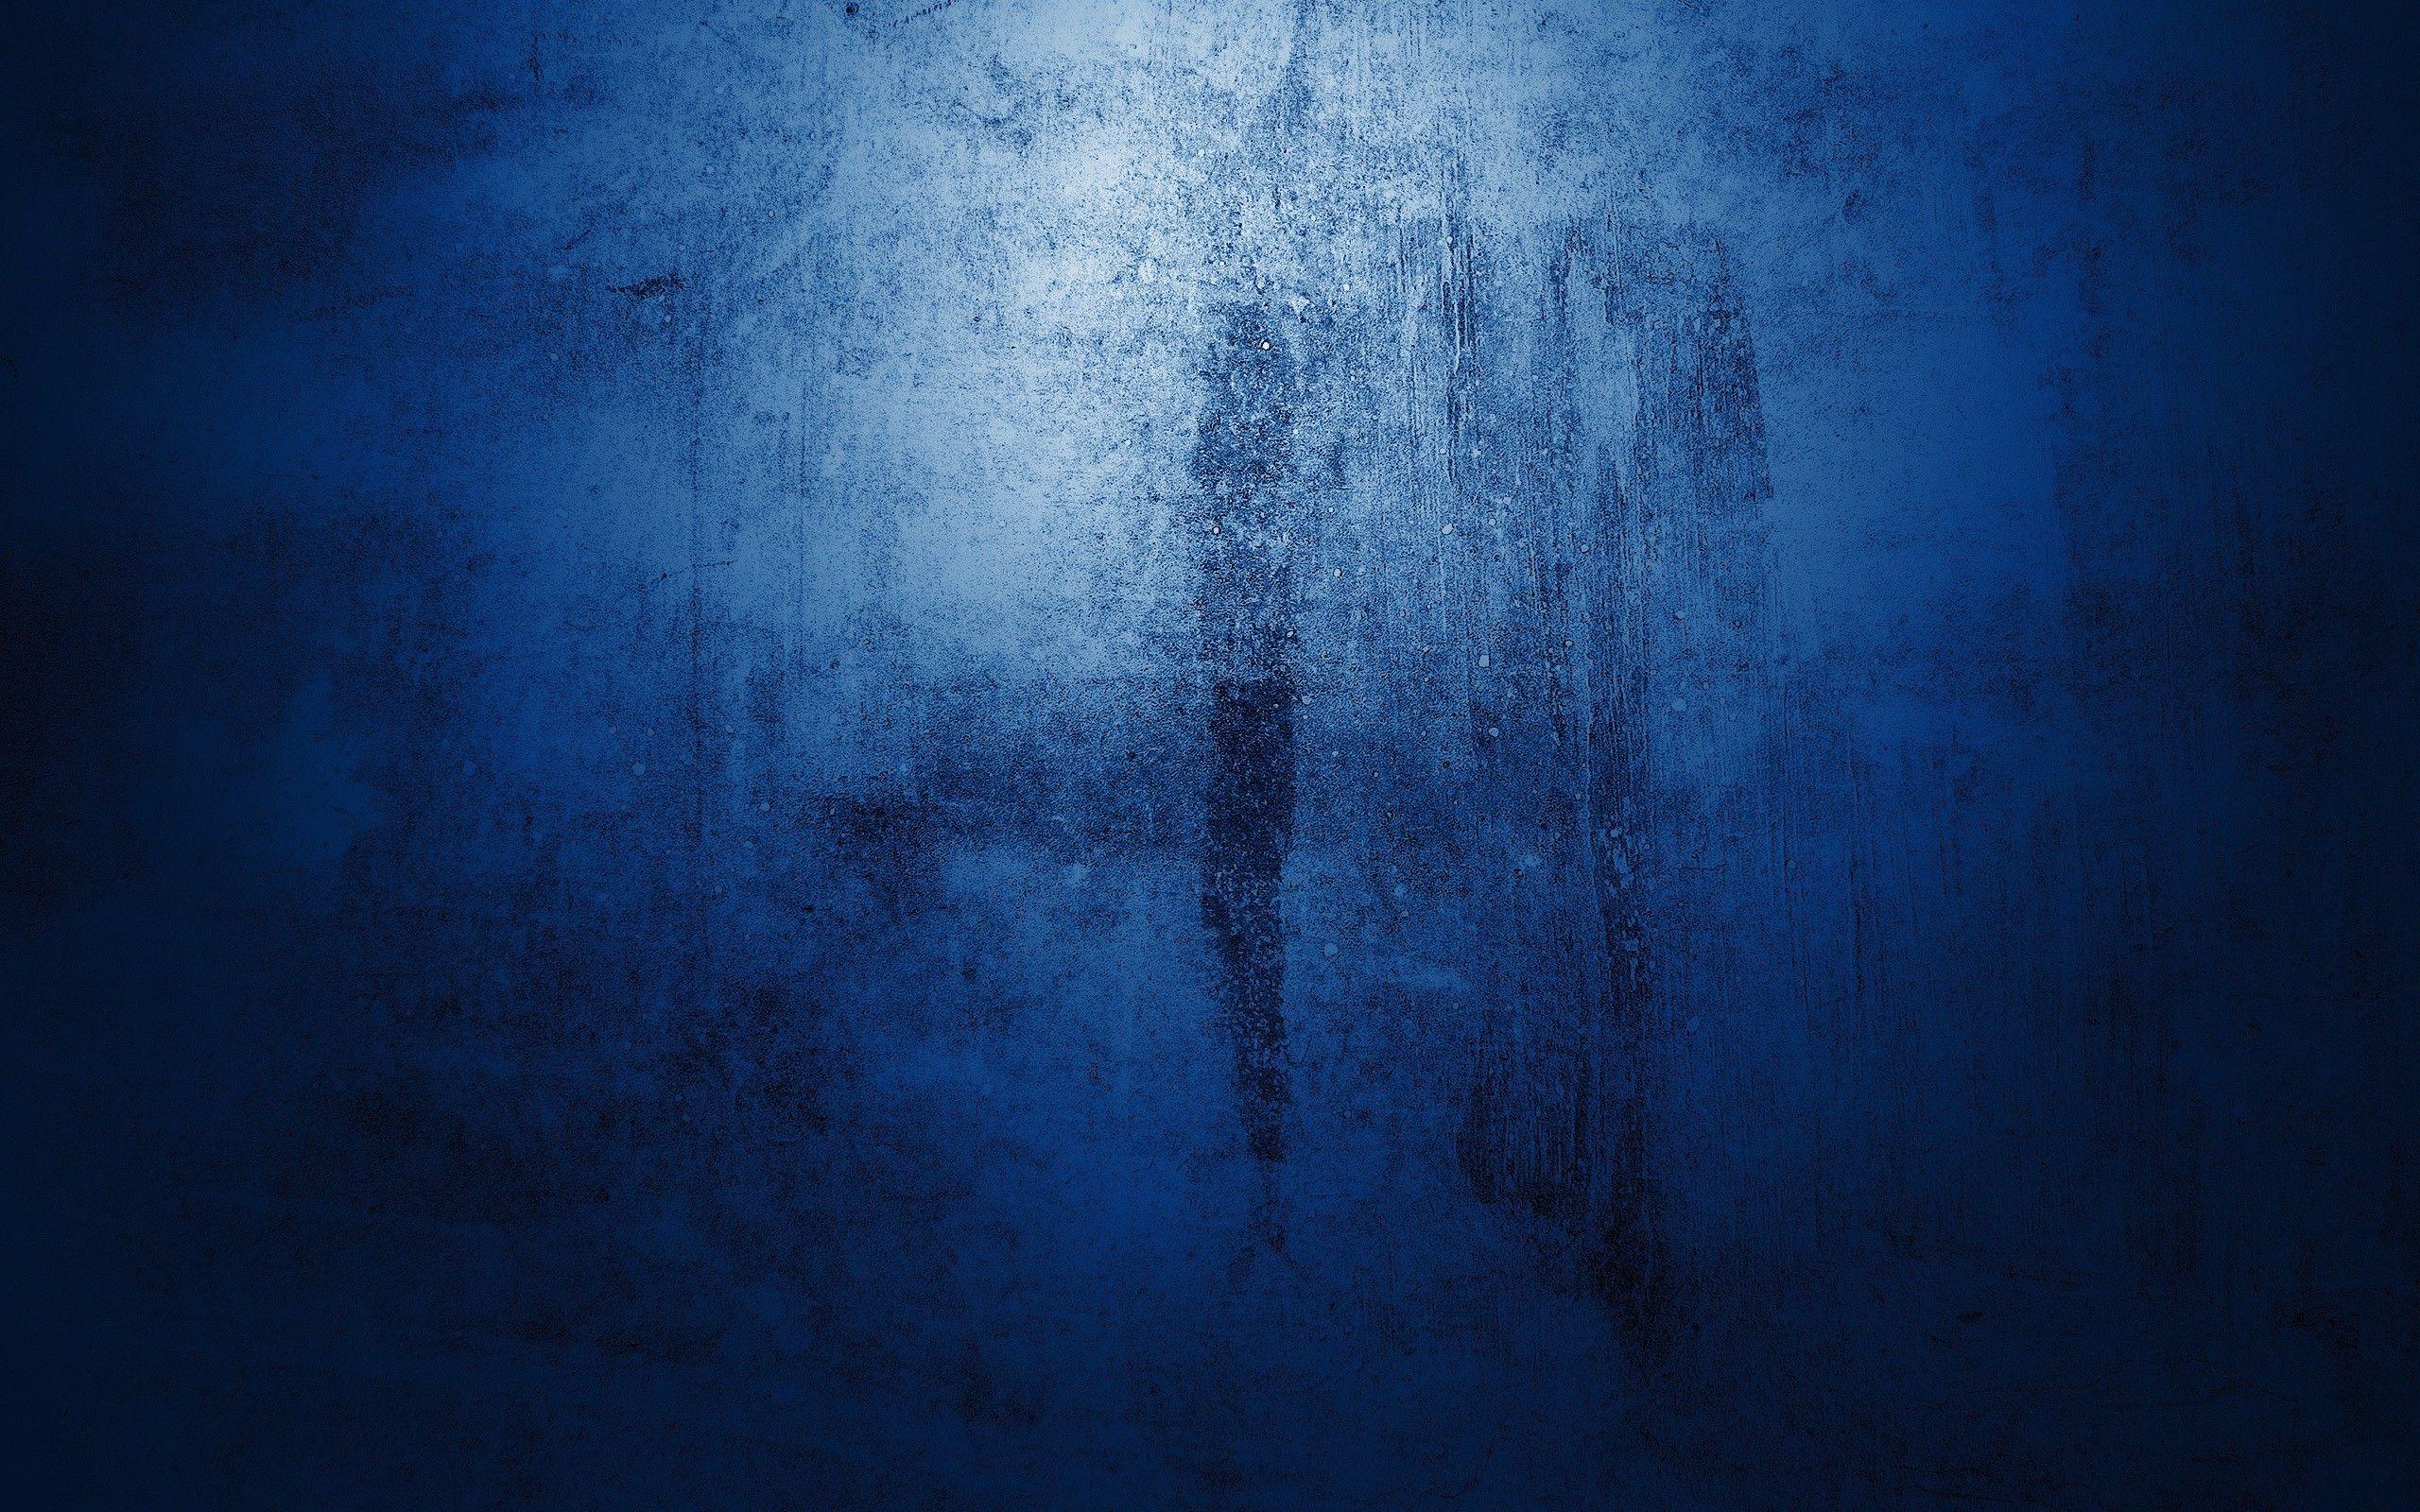 Blue Texture Wallpaper Textured Wallpaper Blue Background Wallpapers Textured Background